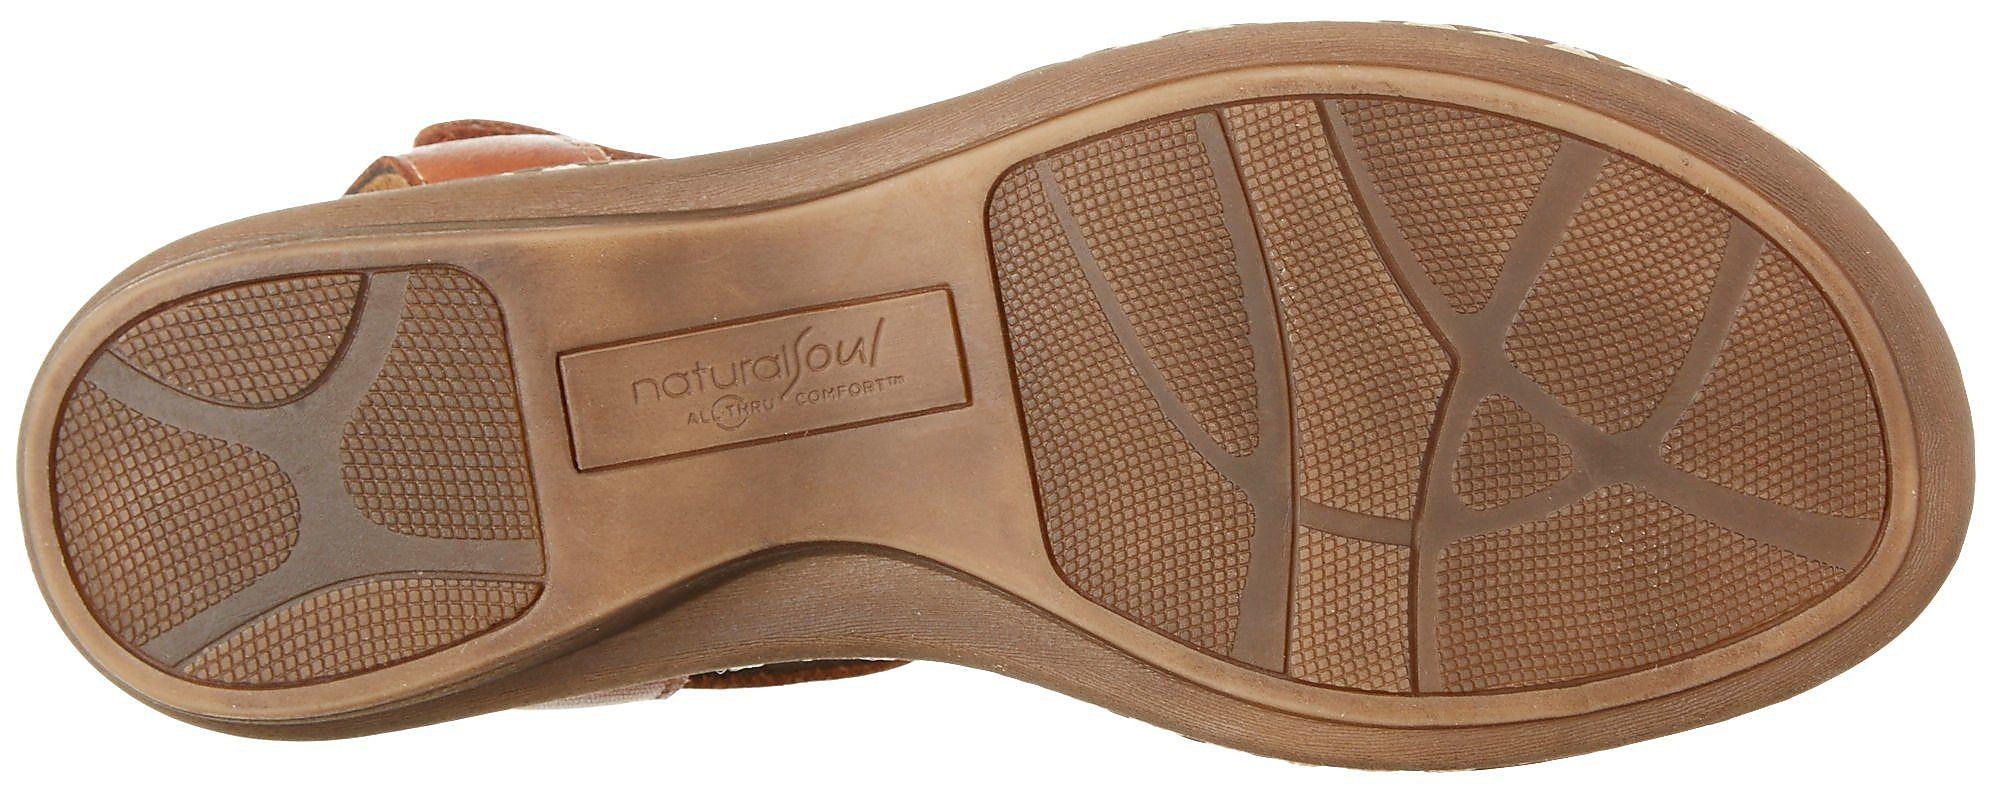 Natural Soul by Naturalizer Naturalizer Naturalizer Womens Barroll Sandals a0ff83